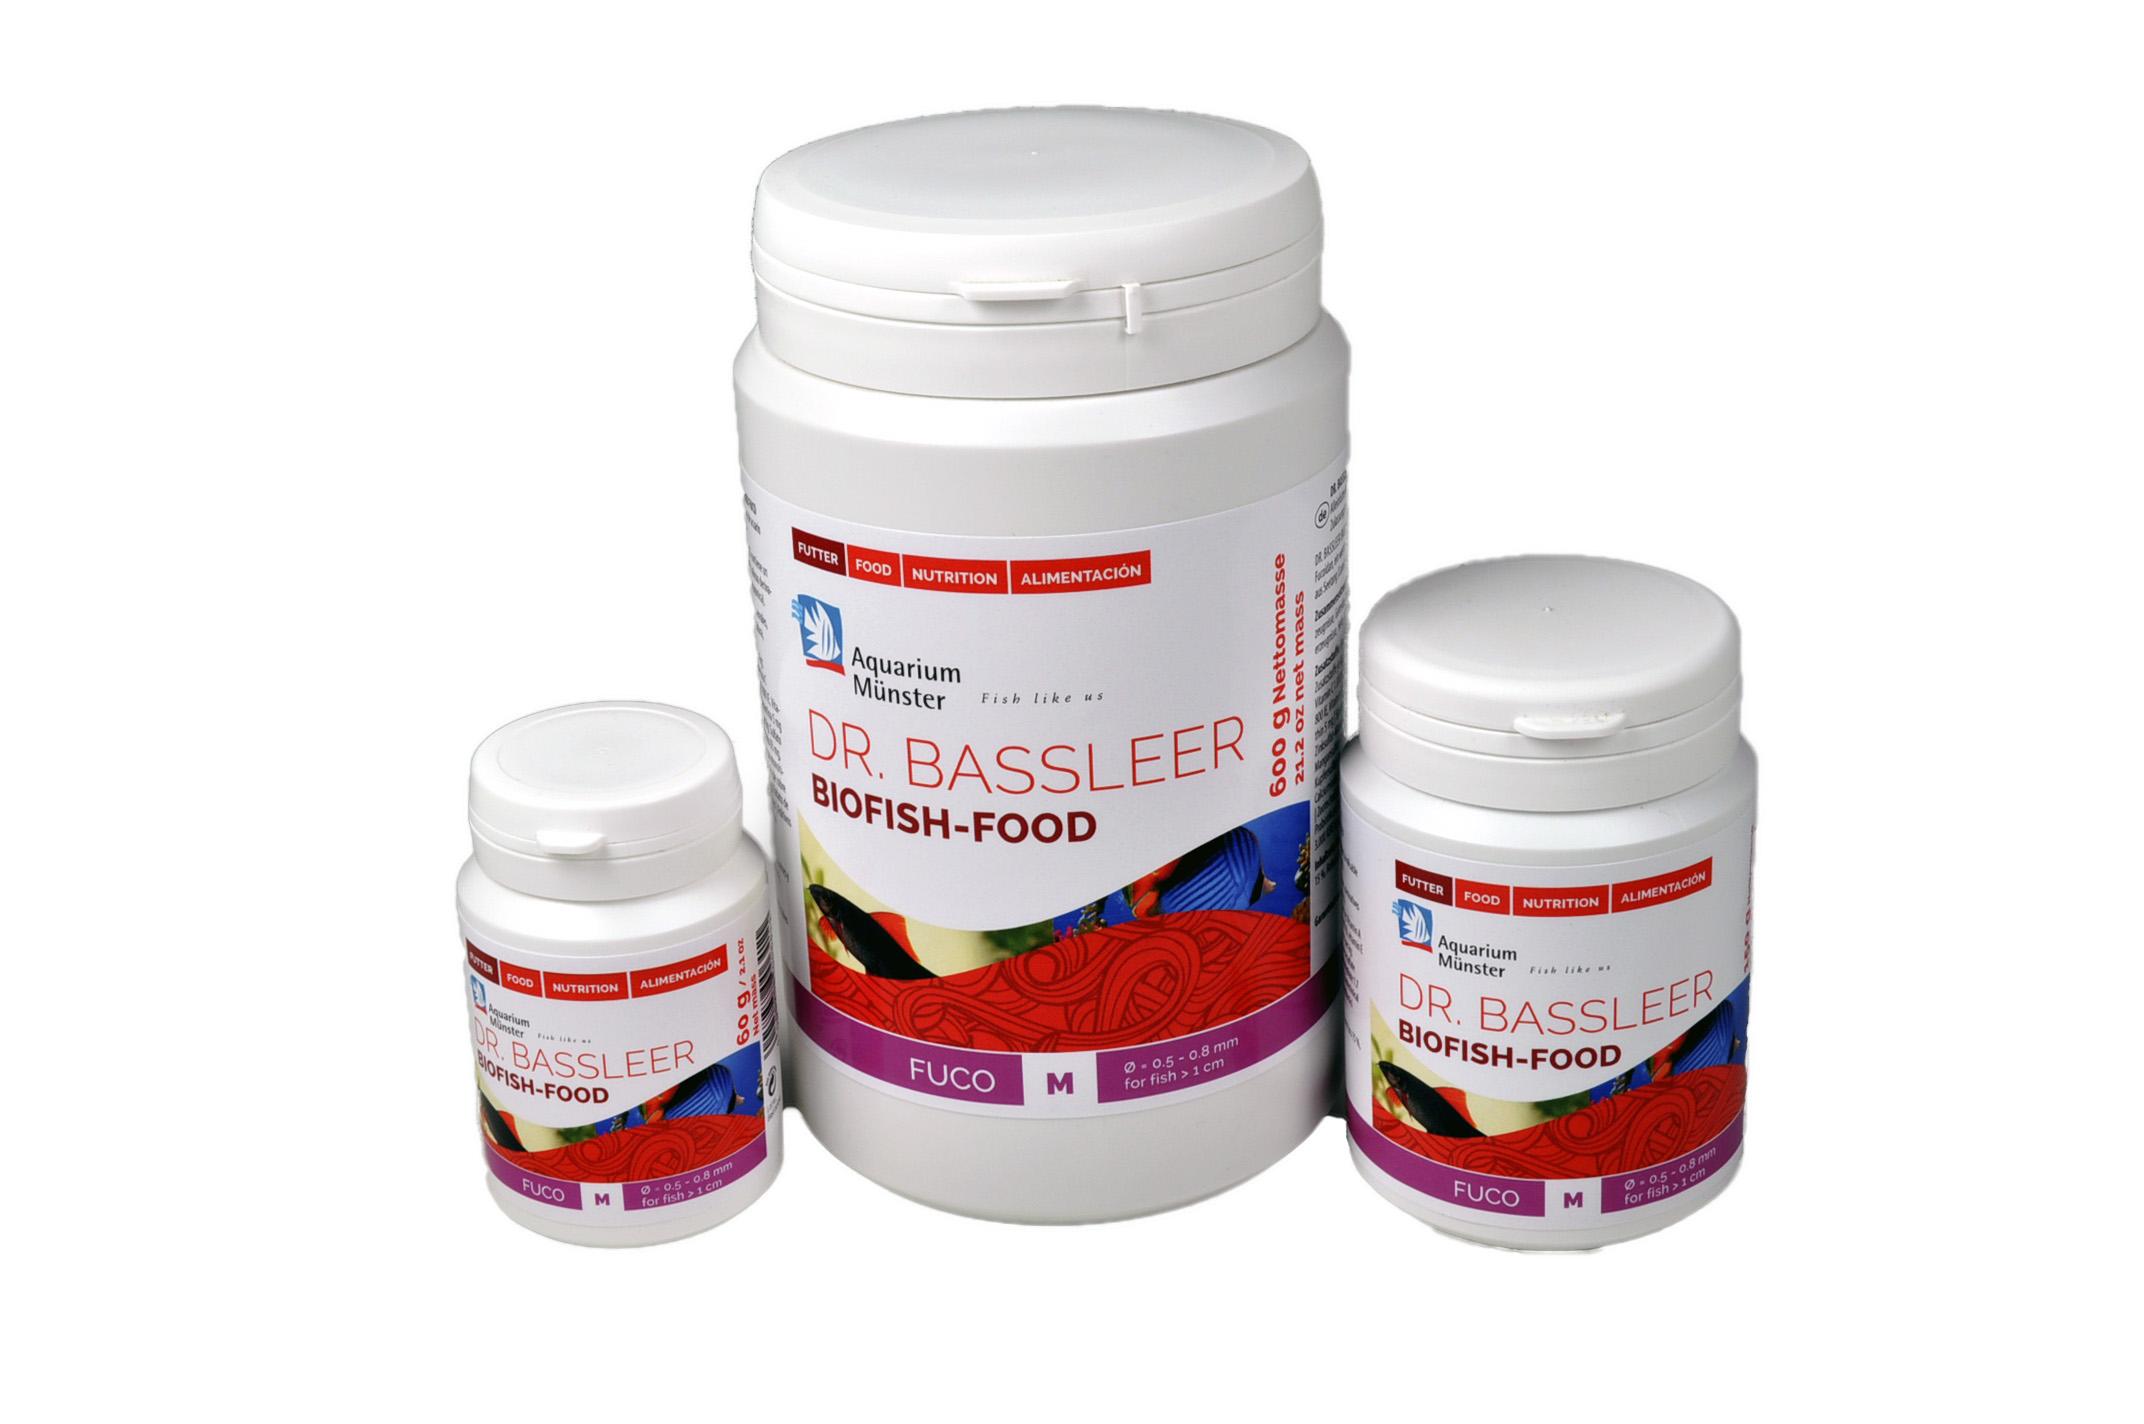 Bassleer Biofish Food Forte Packing